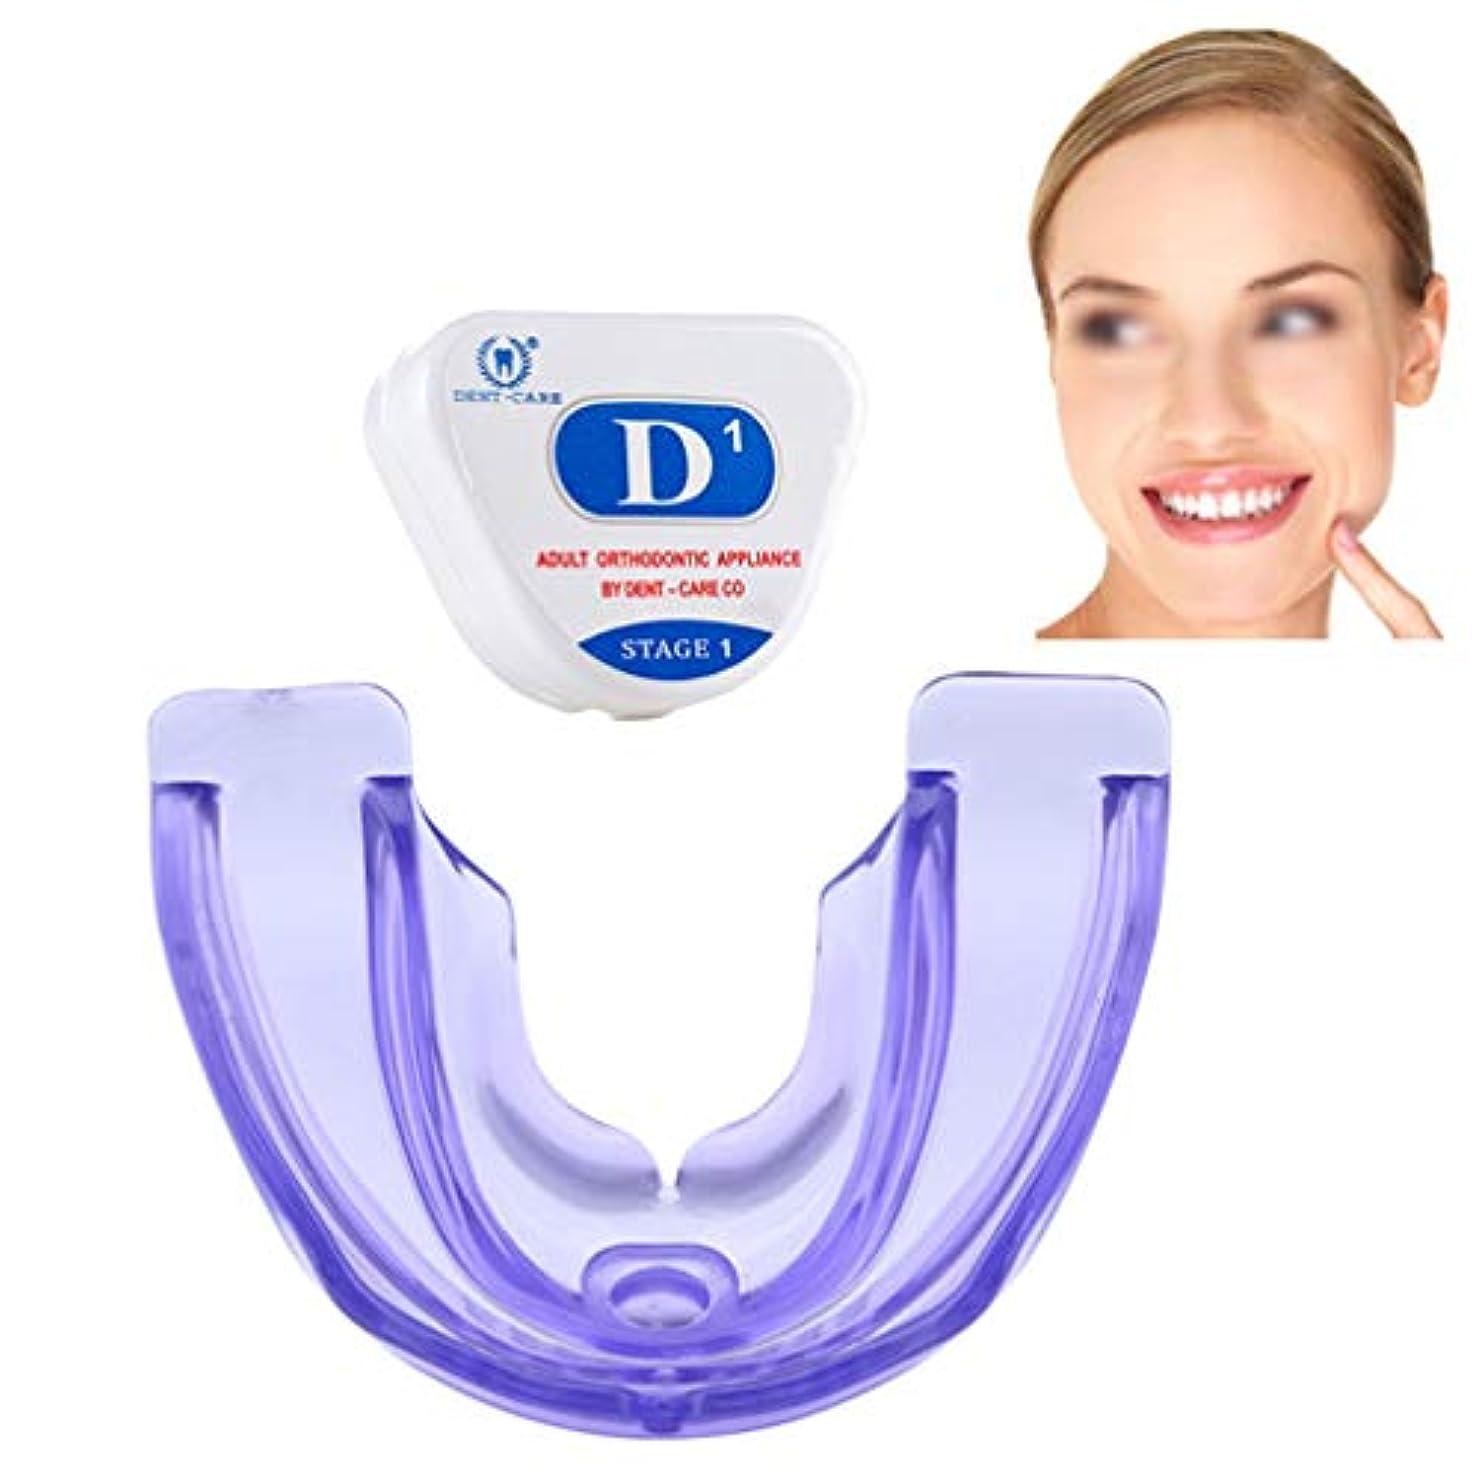 スプレーつかの間ホイットニー矯正リテーナー、歯列矯正トレーナー歯科用歯科用器具リテーナー歯を白くするインビジブルブレース、(3段階)